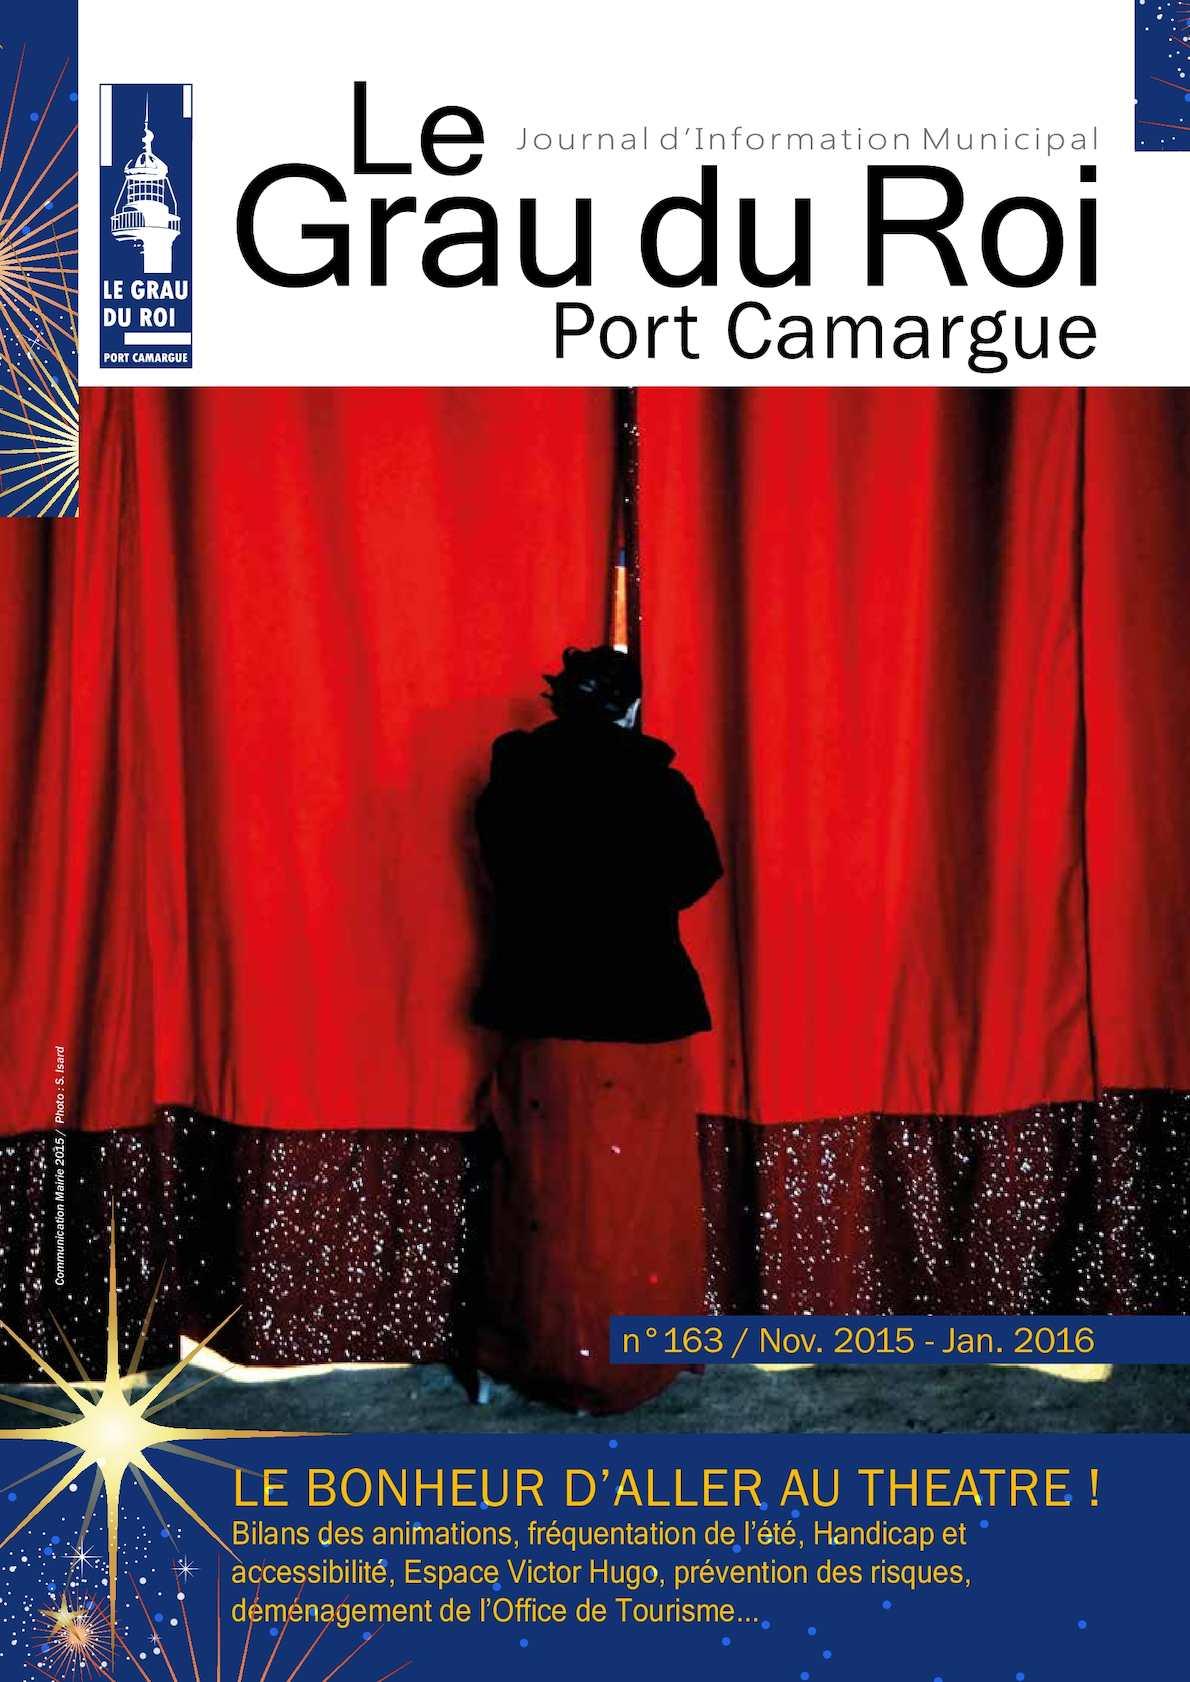 Calam o le grau du roi port camargue journal d information municipal n 163 nov 2015 - Office de tourisme le grau du roi ...